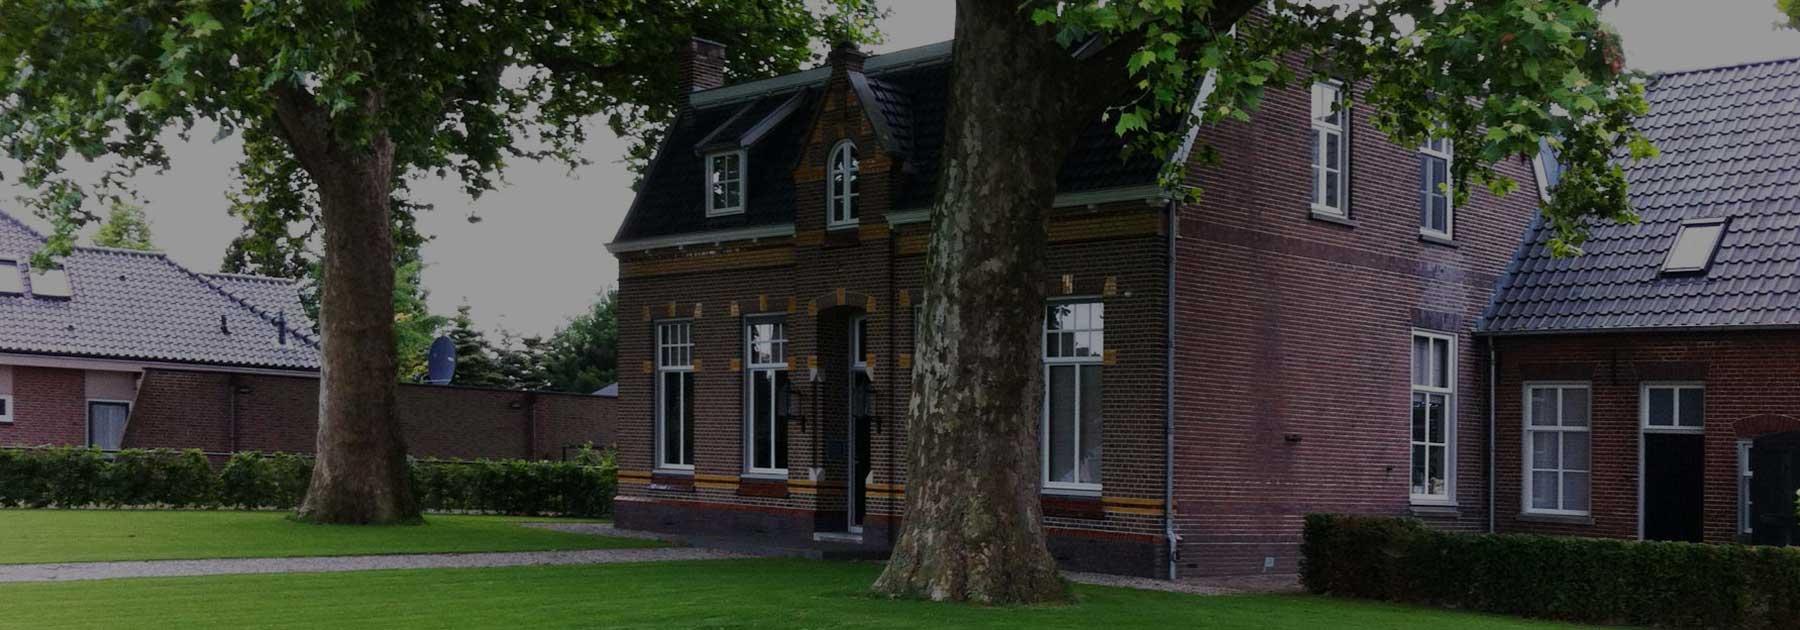 schadewijk-hovenier-home1